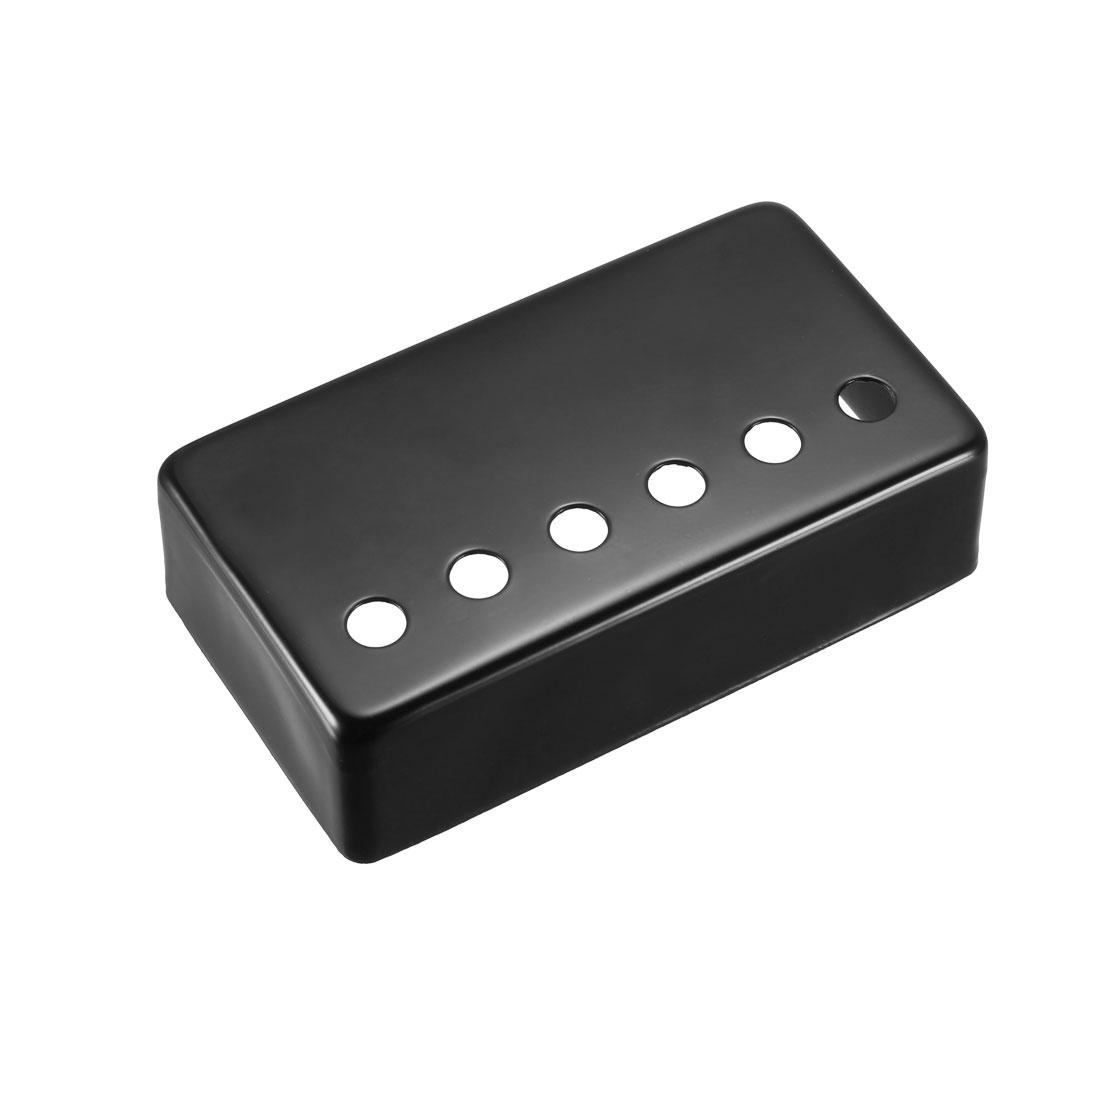 52mm Metal Humbucker Guitar Bridge Pickup Covers for Electric Guitar - Black